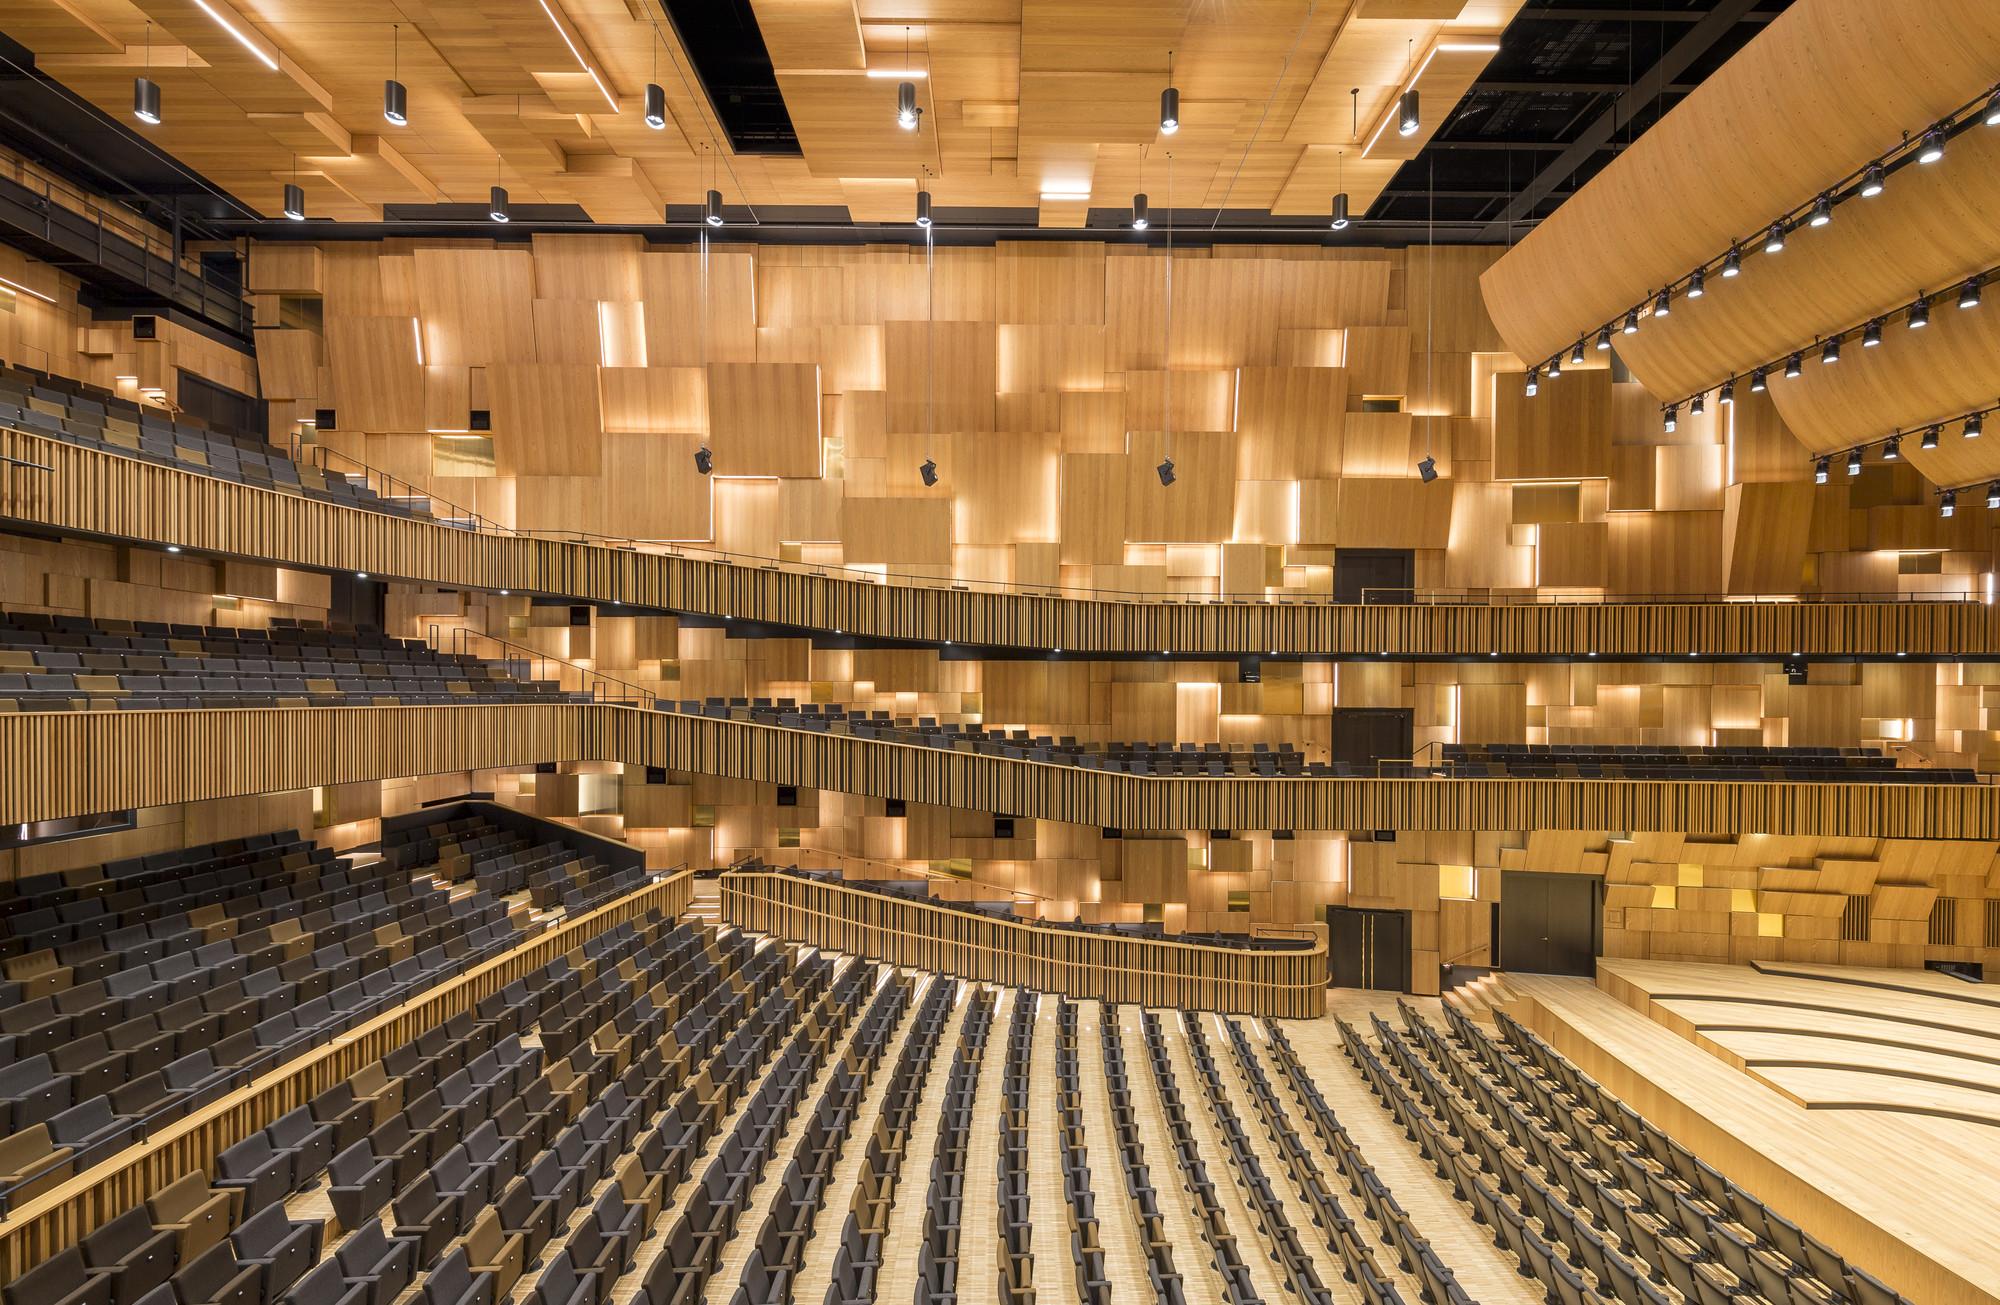 Galeria De Centro Cultural E Sala De Concertos Em Malm Interiors Inside Ideas Interiors design about Everything [magnanprojects.com]